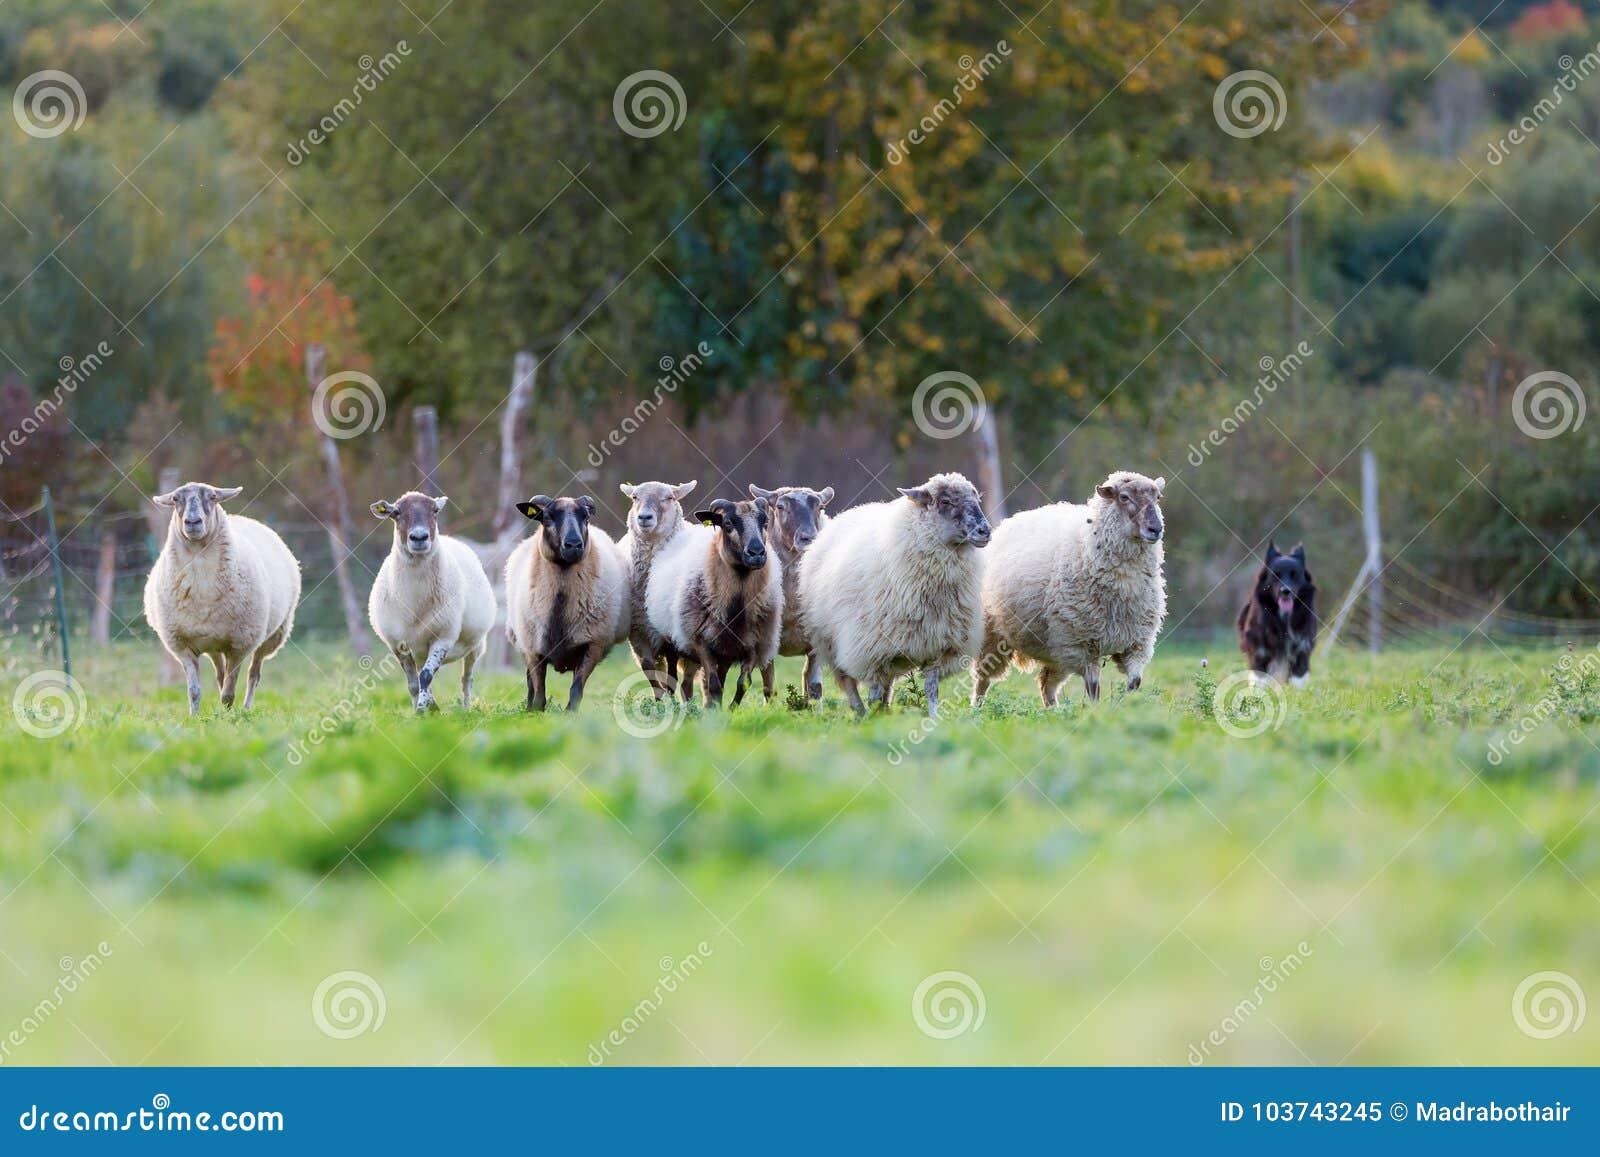 Paquete de ovejas con un perro de pastor australiano